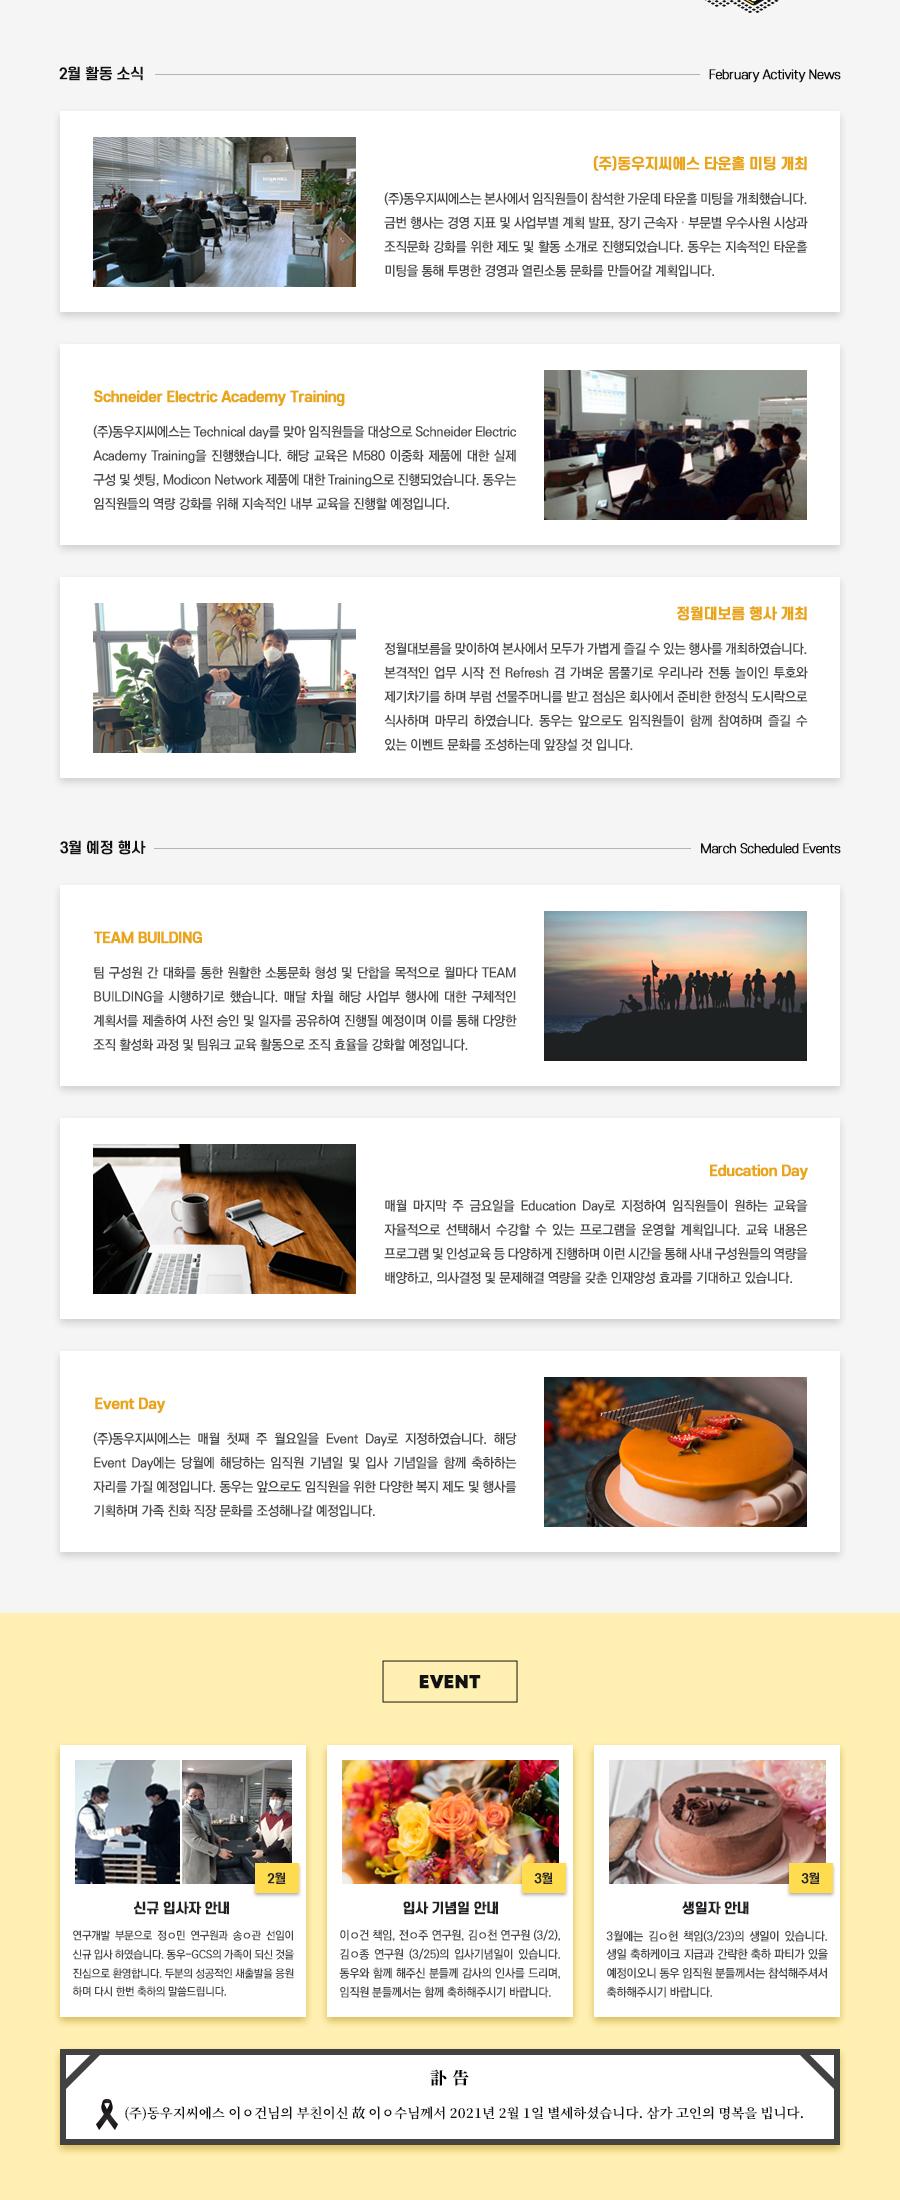 동우-GCS_NEWS-LETTER_2021년-3월호_분할_홈페이지_02.jpg